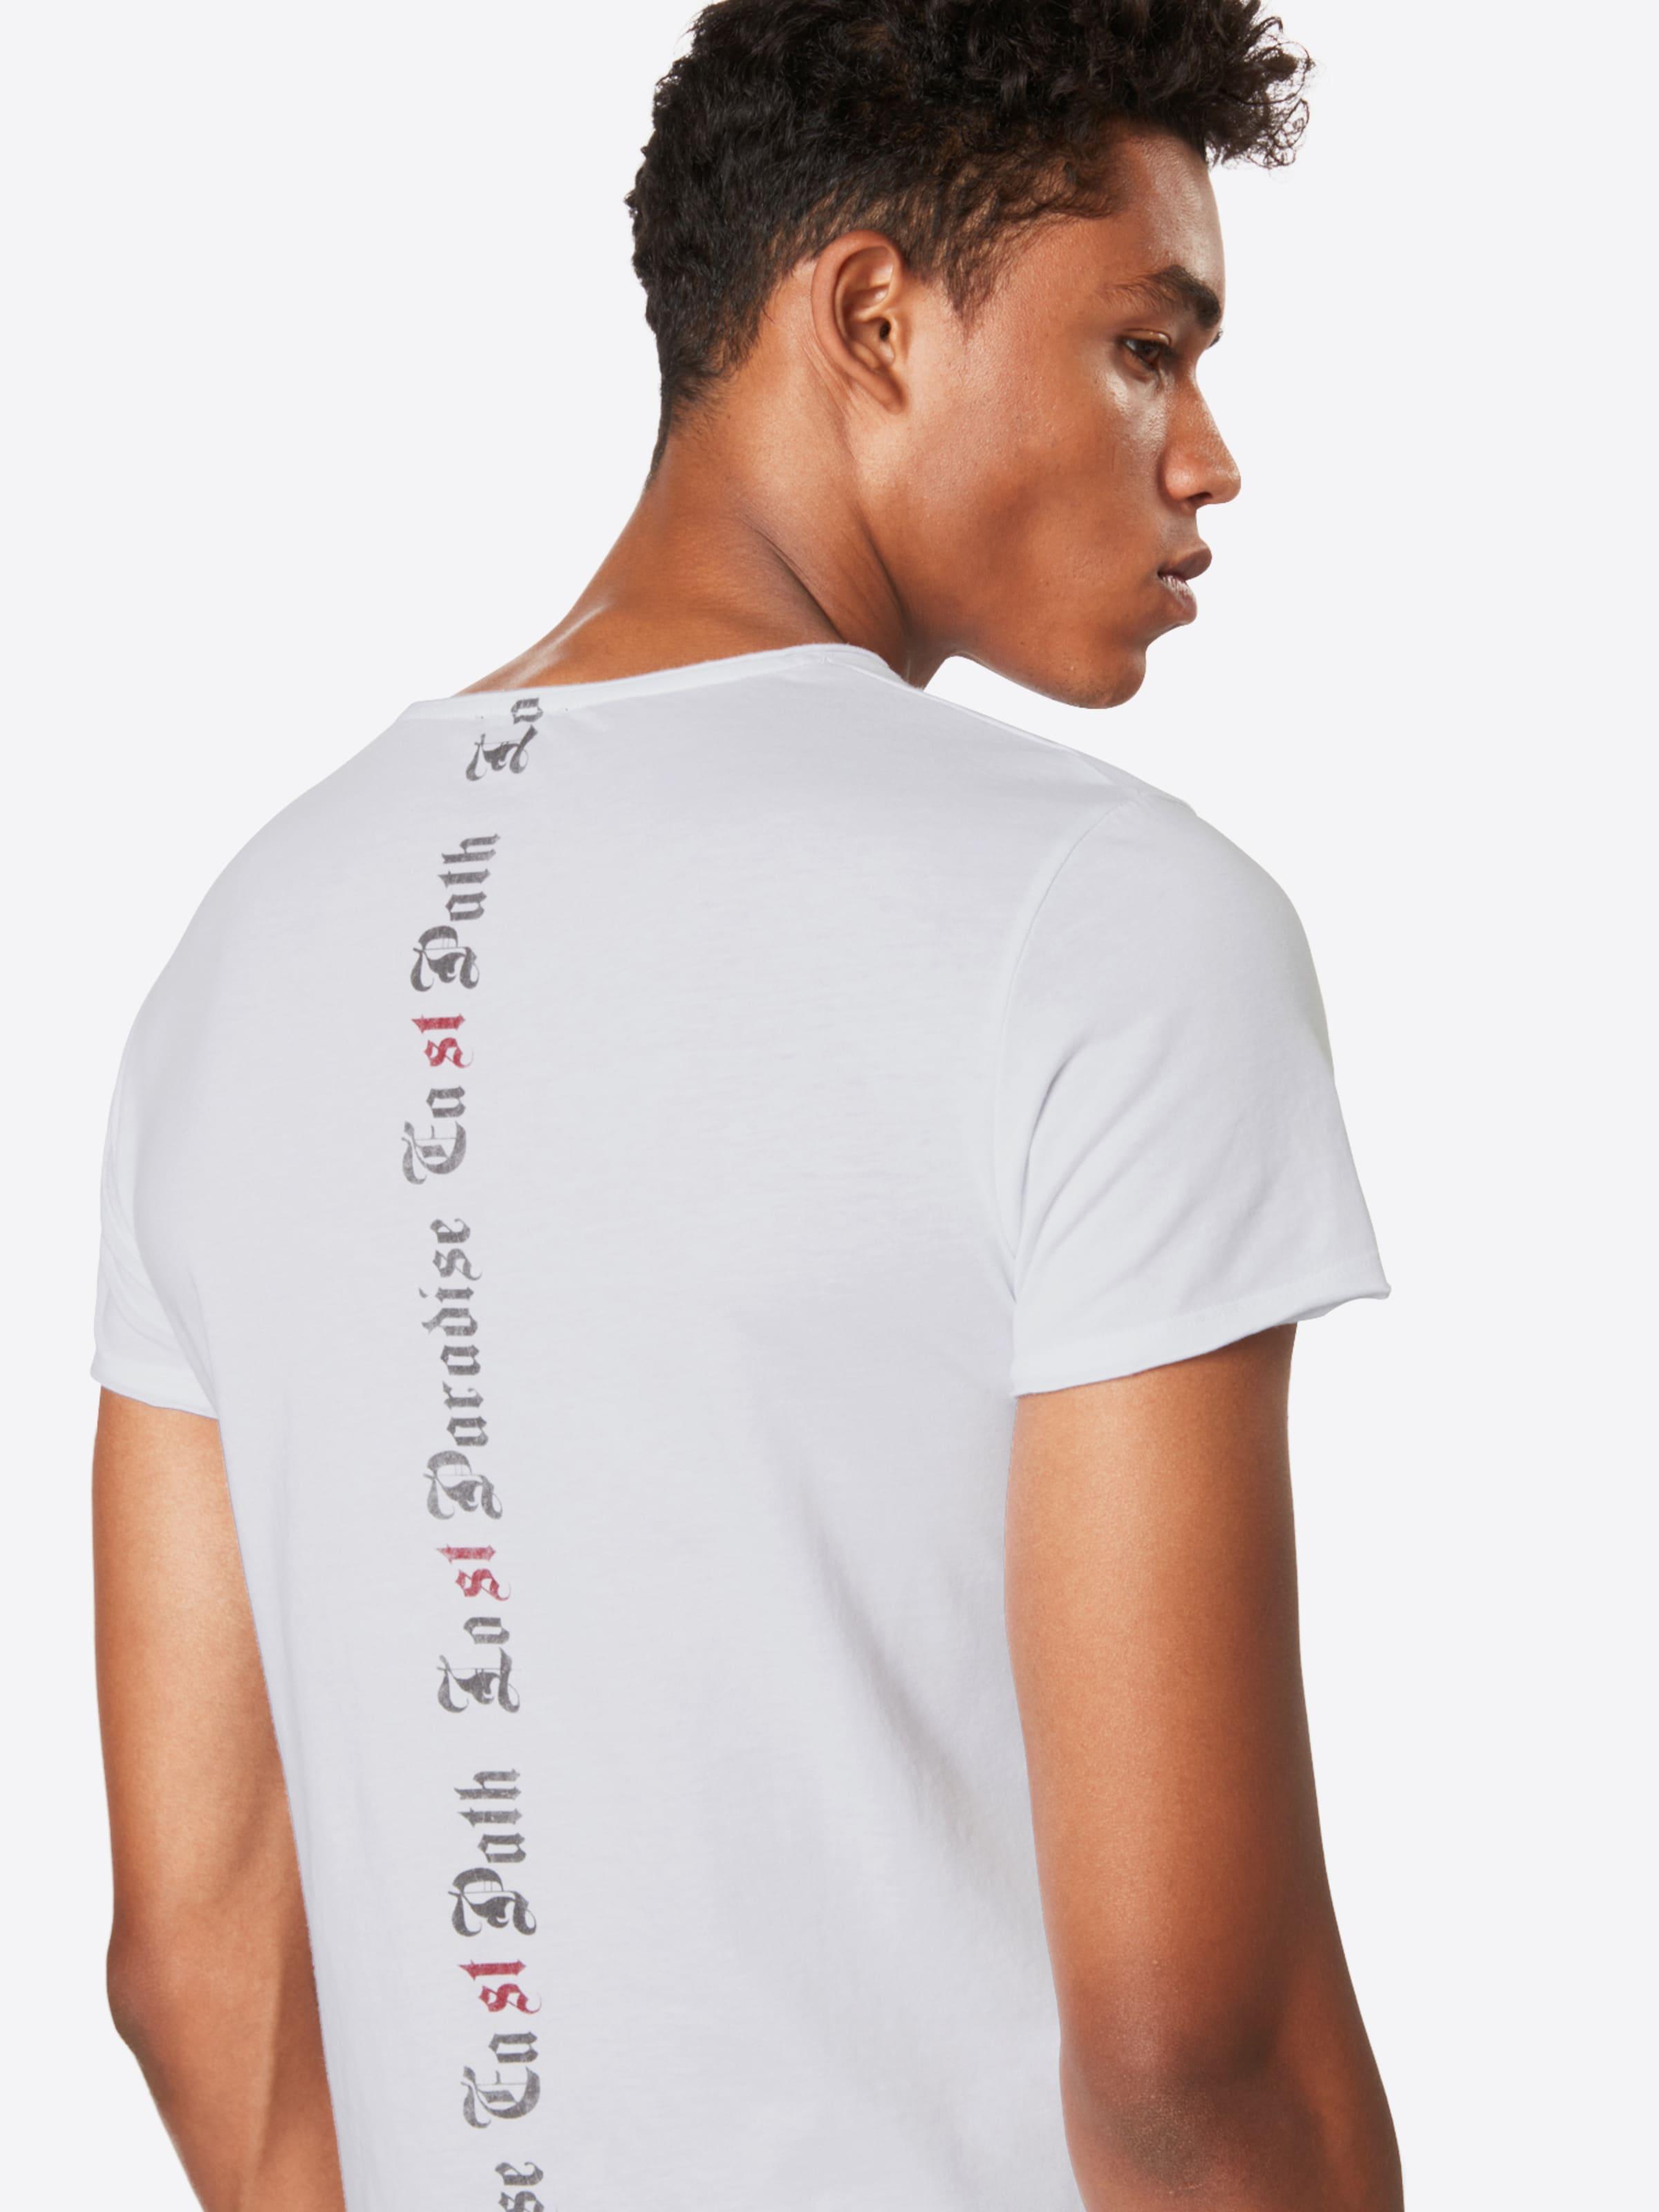 'mt Key Largo shirt Round' T En NoirBlanc Tiger lK1c3JTF